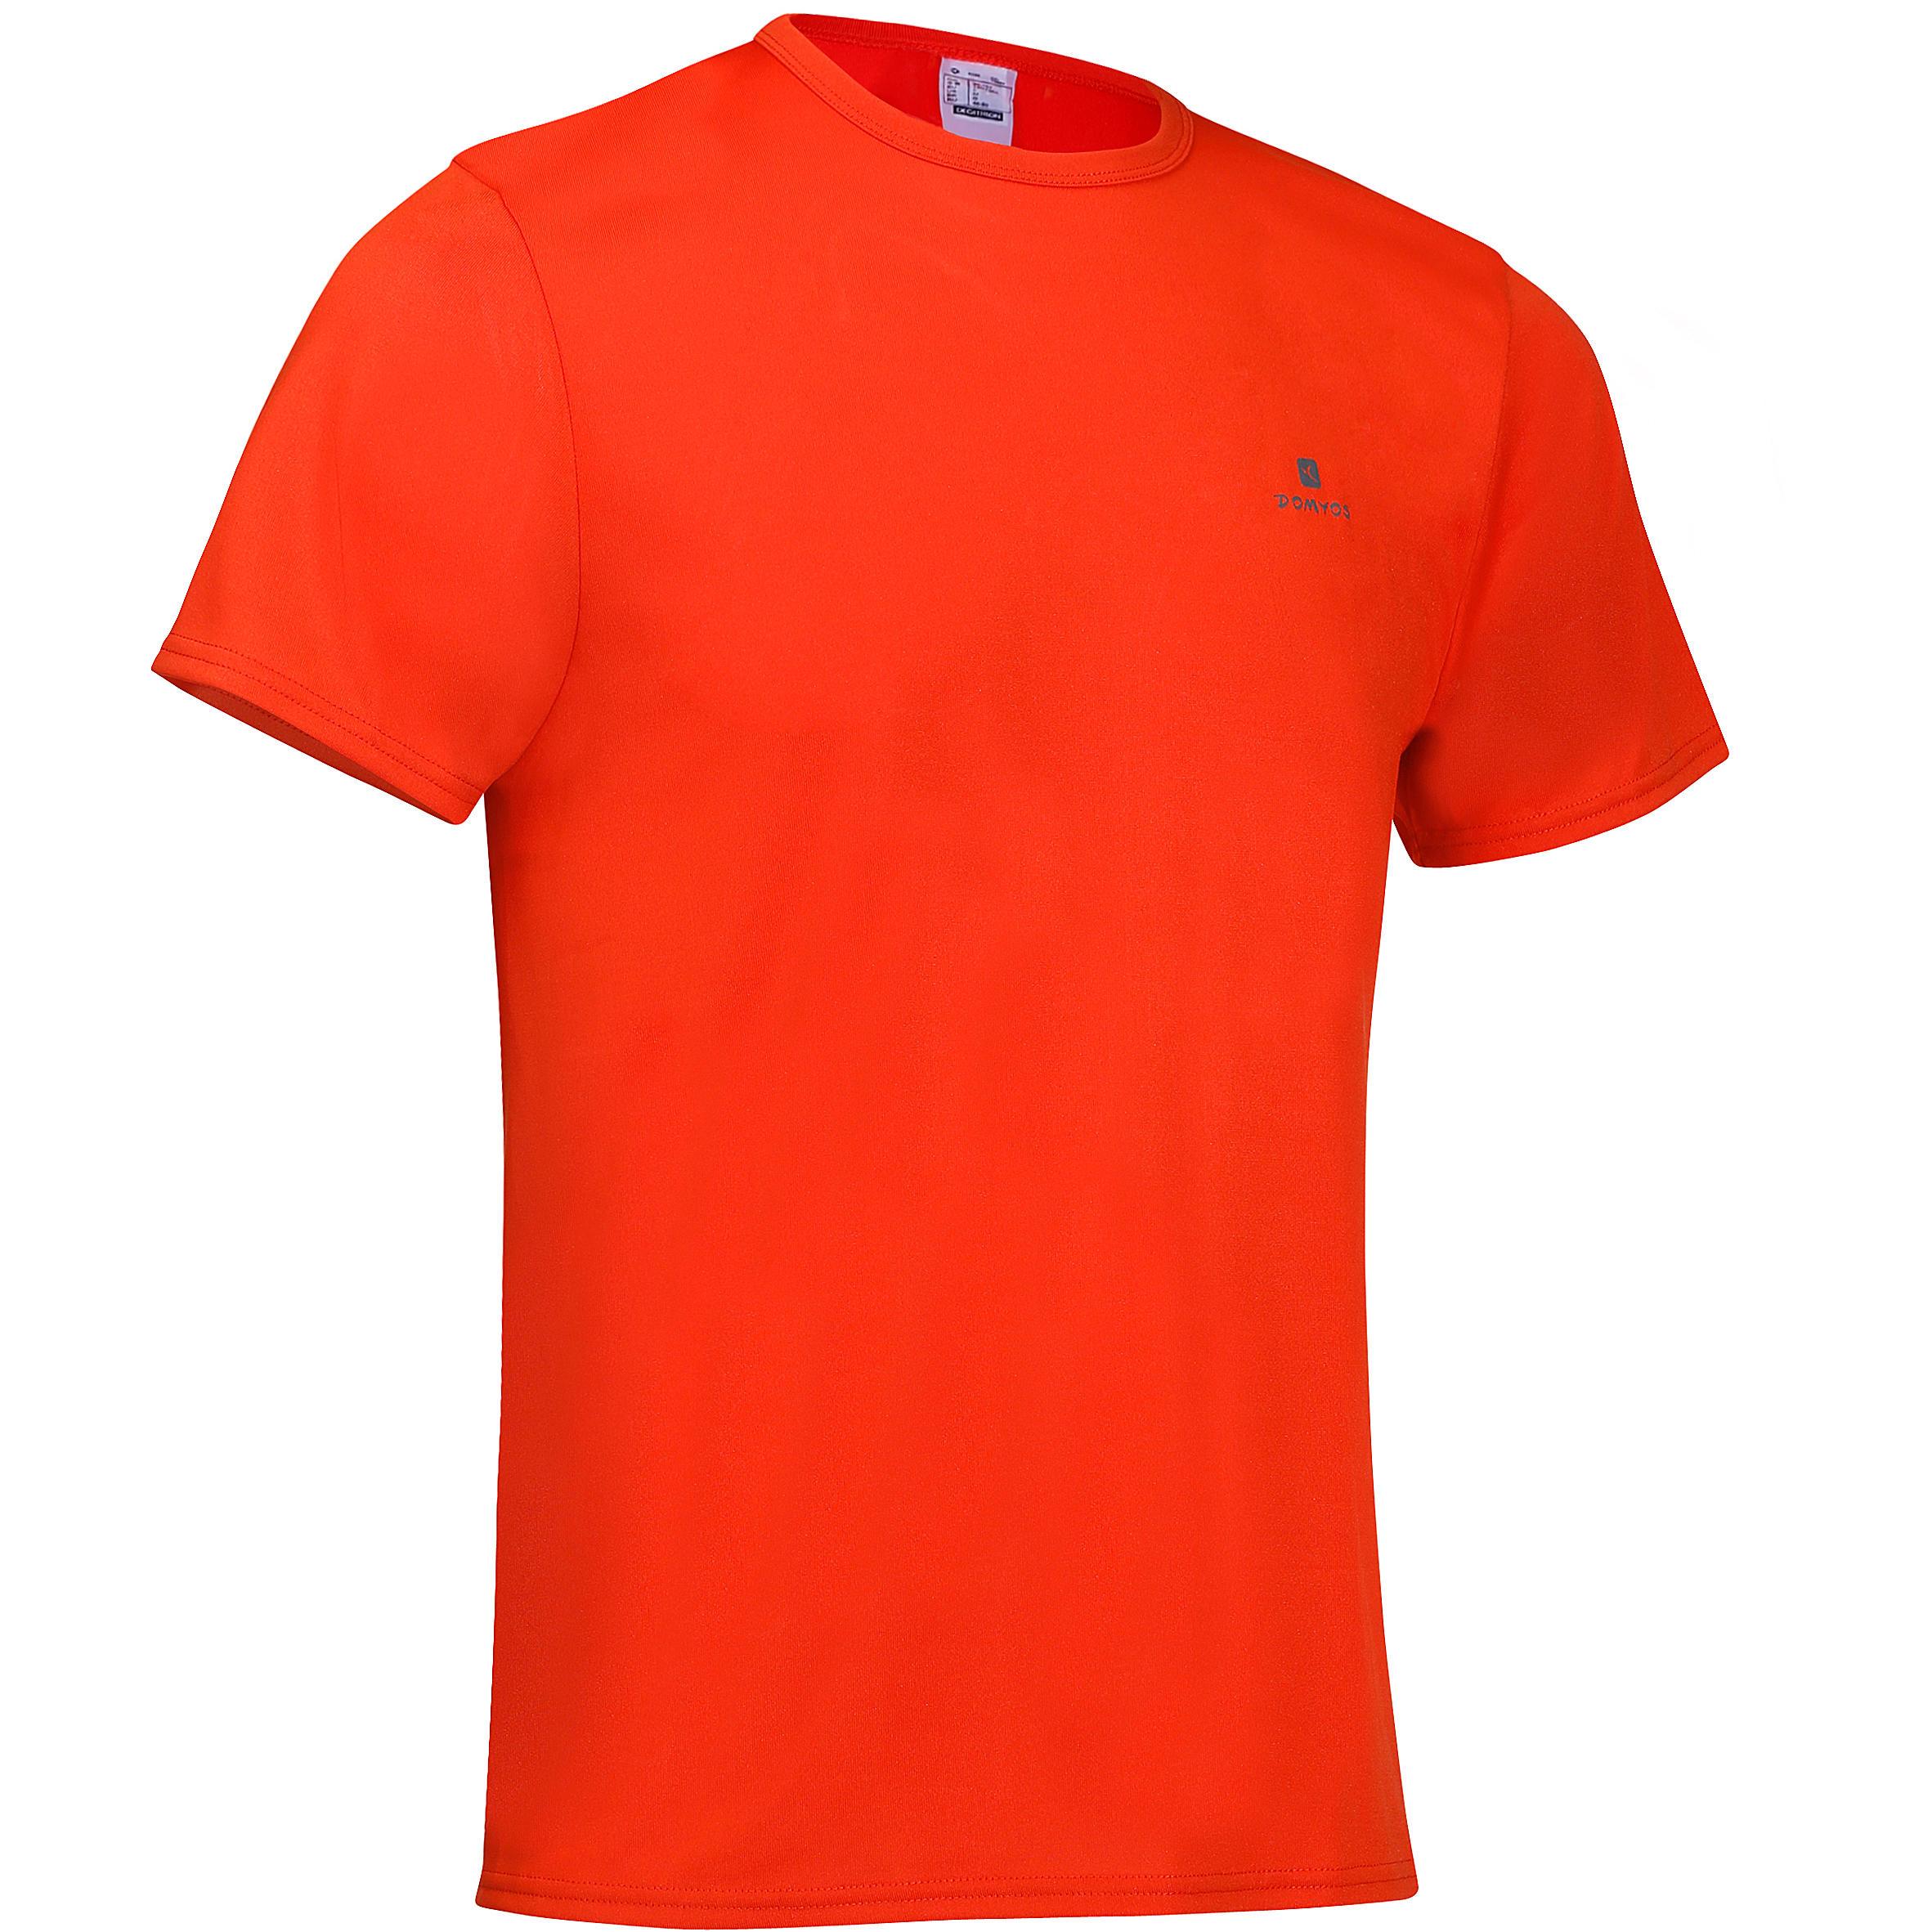 Domyos Fitness T-shirt FTS100 voor heren, voor cardiotraining